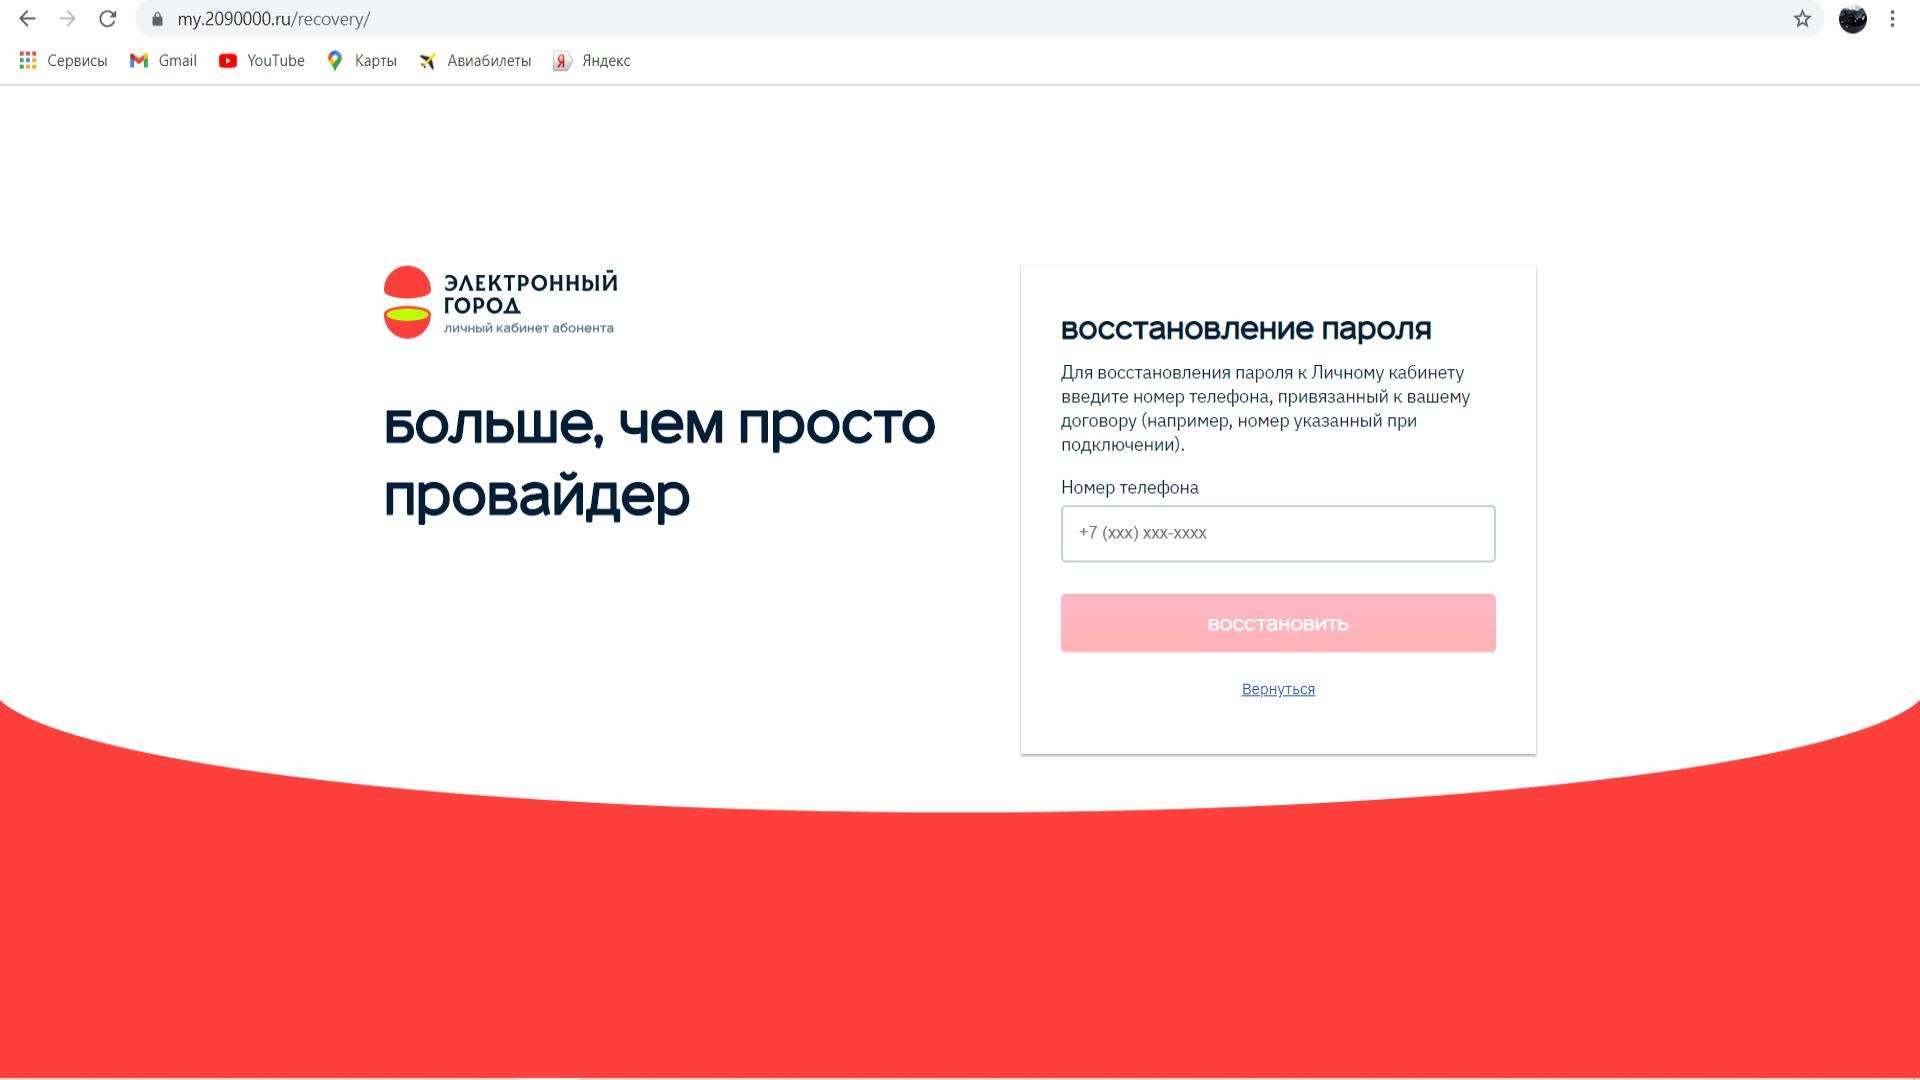 восстановление пароля электронный город